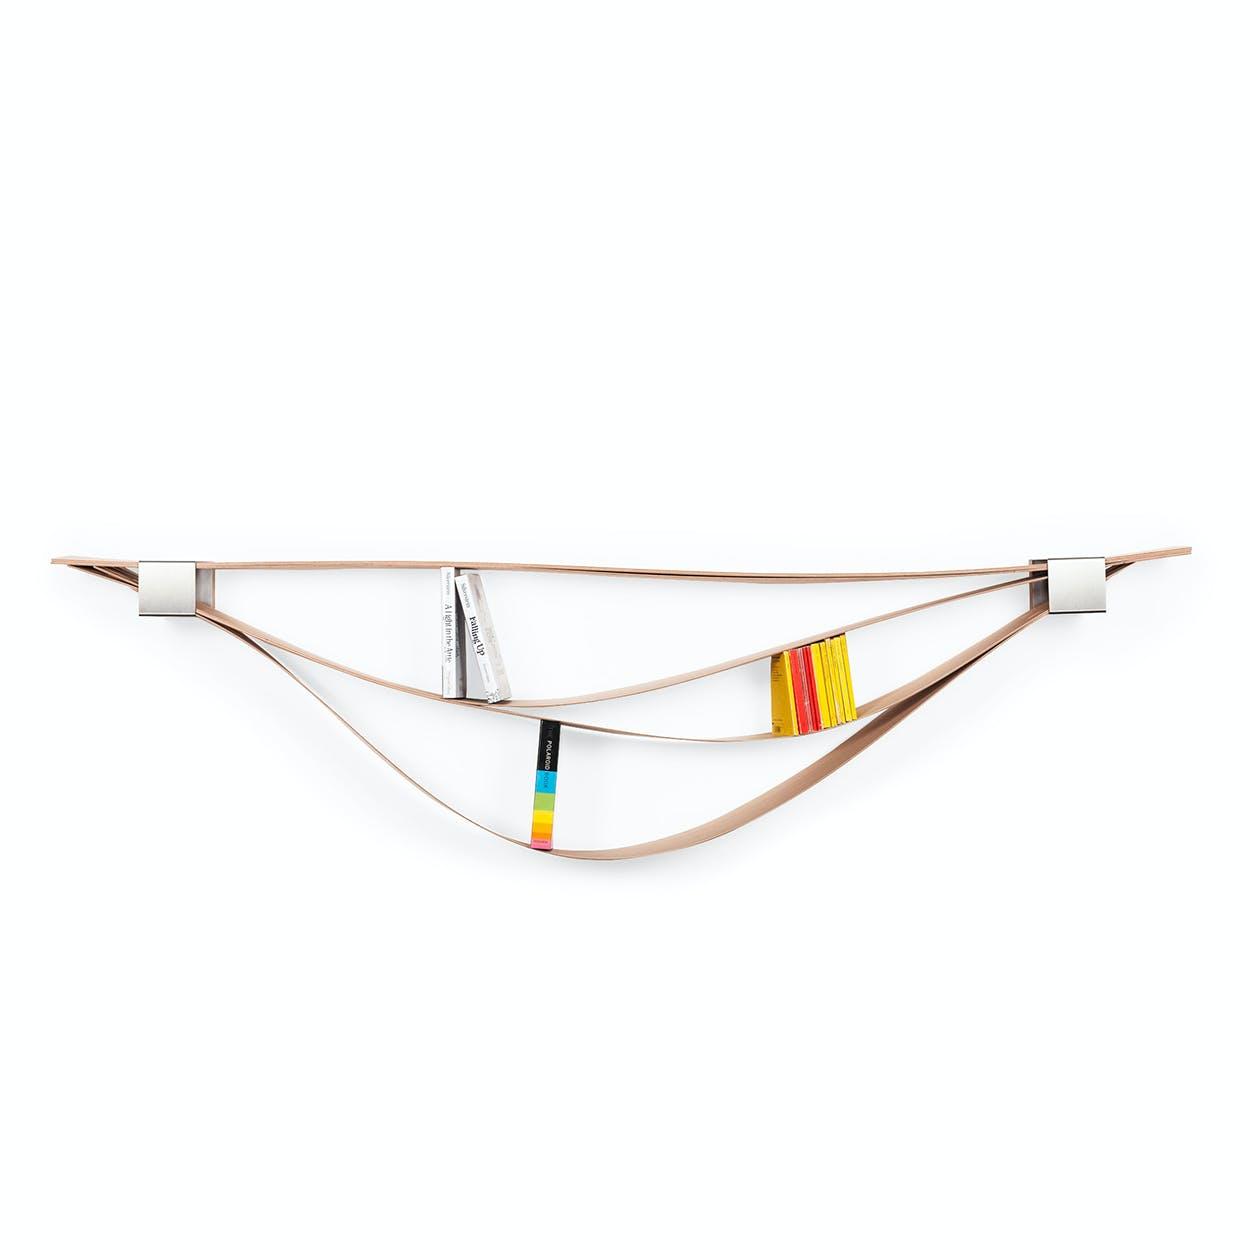 Chuck Wooden Flexible Wall Shelf Original